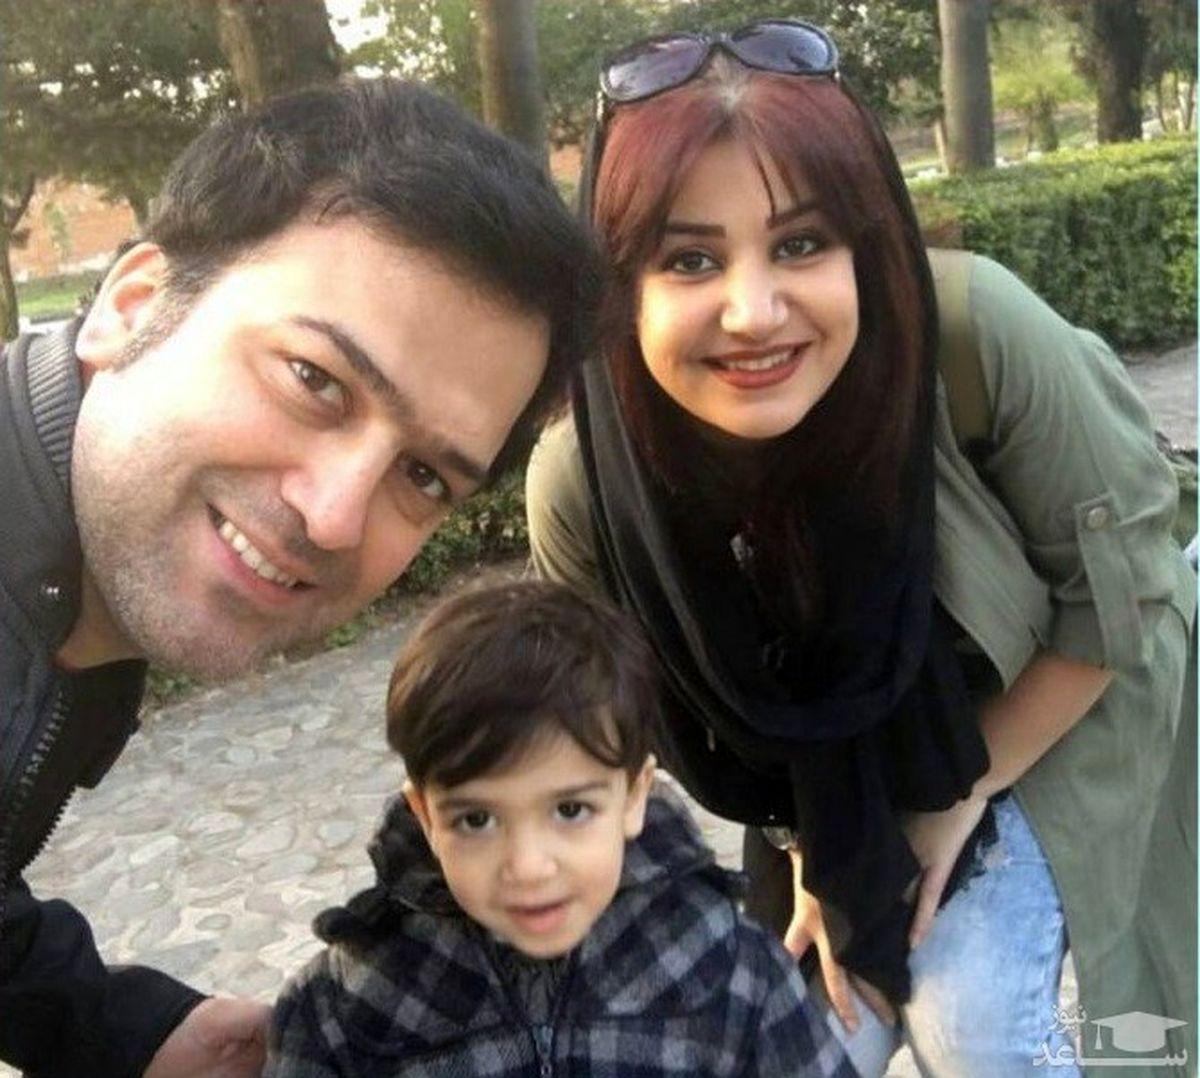 حامد آهنگی| تصاویر و بیوگرافی حامد آهنگی و همسرش